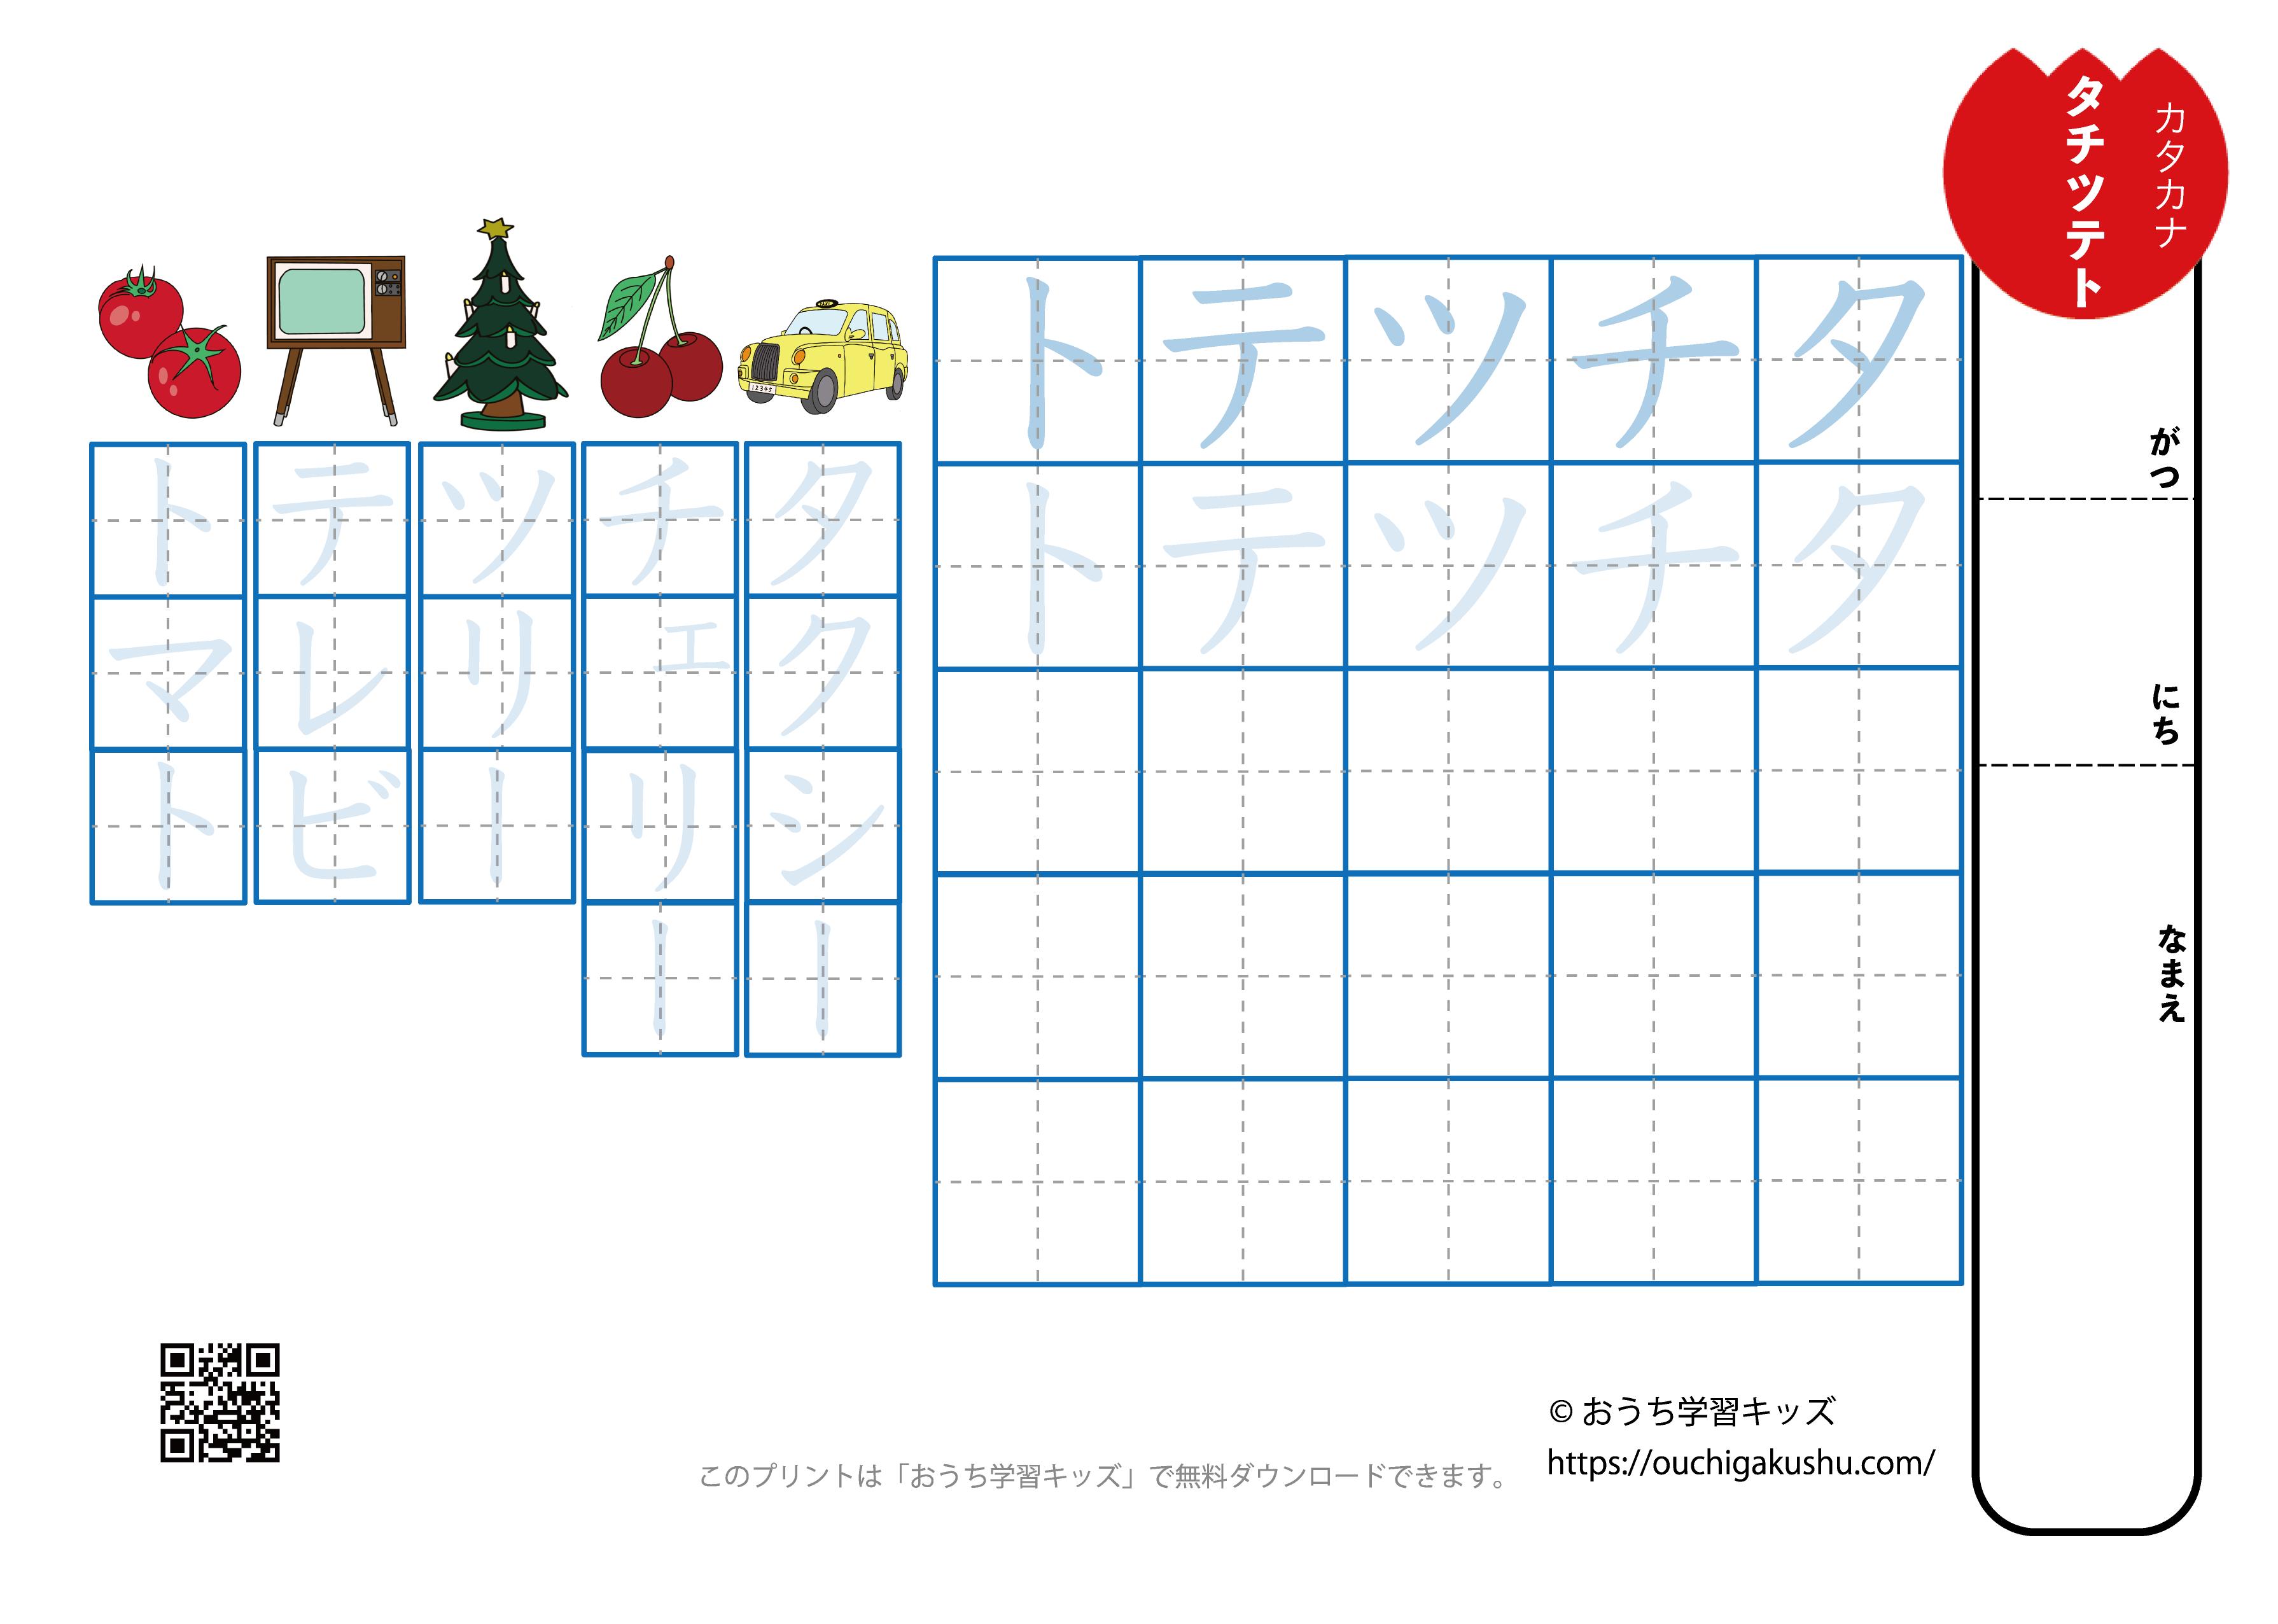 カタカナ練習プリント「タ行(タチツテト)」